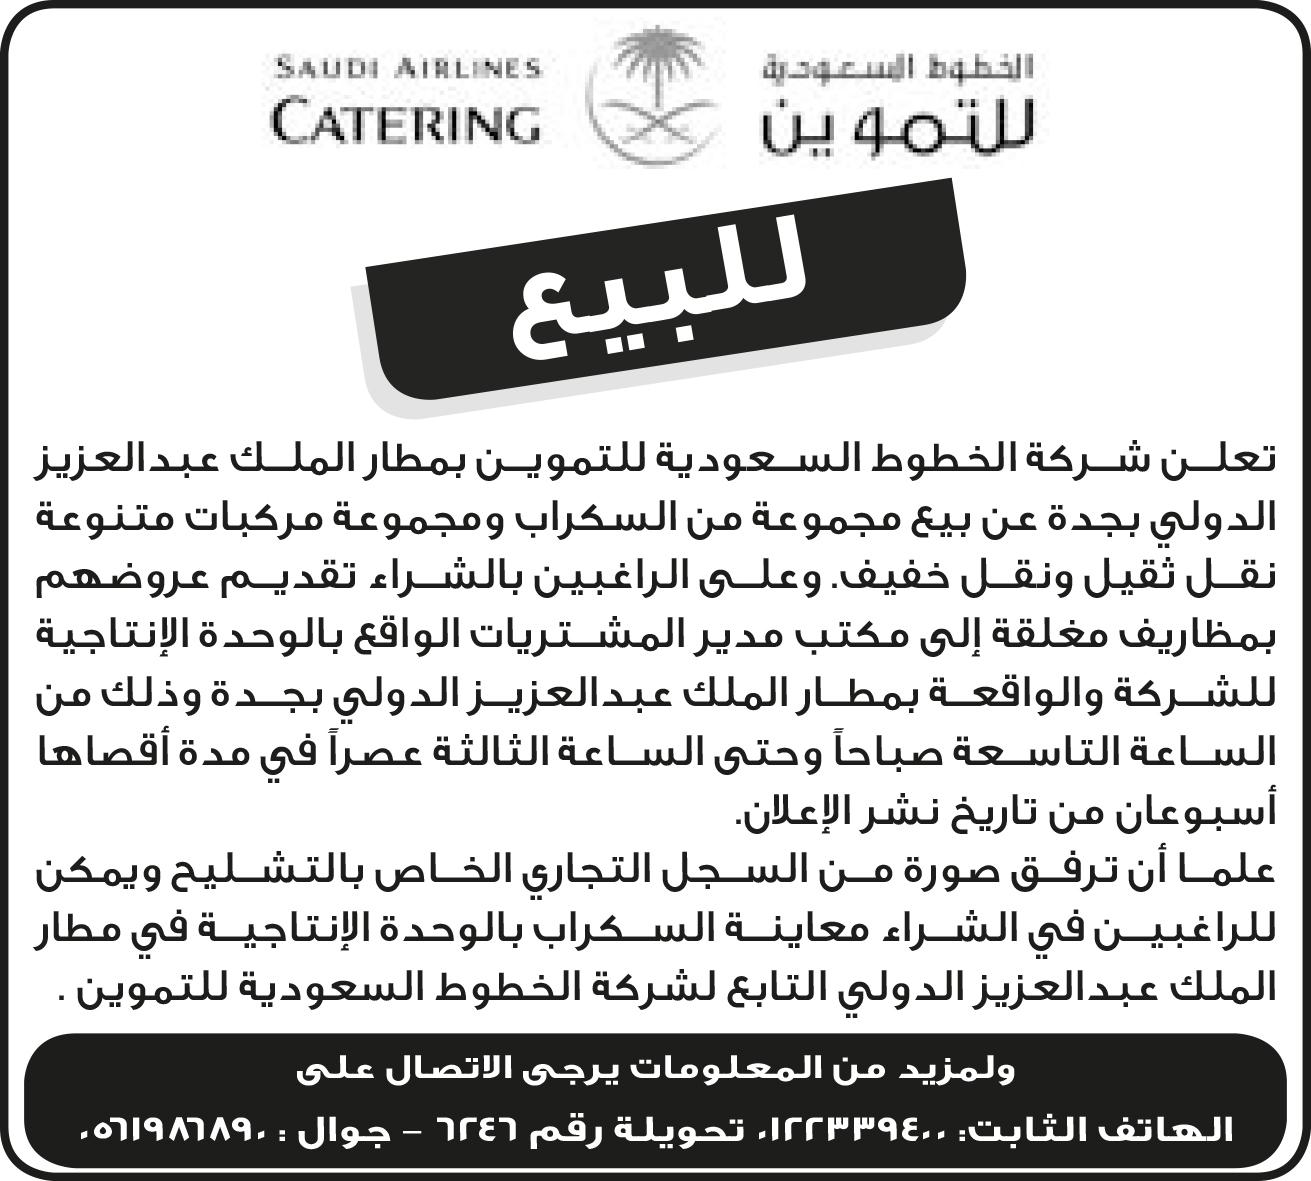 الخطوط السعودية تعلن عن بيع سكراب